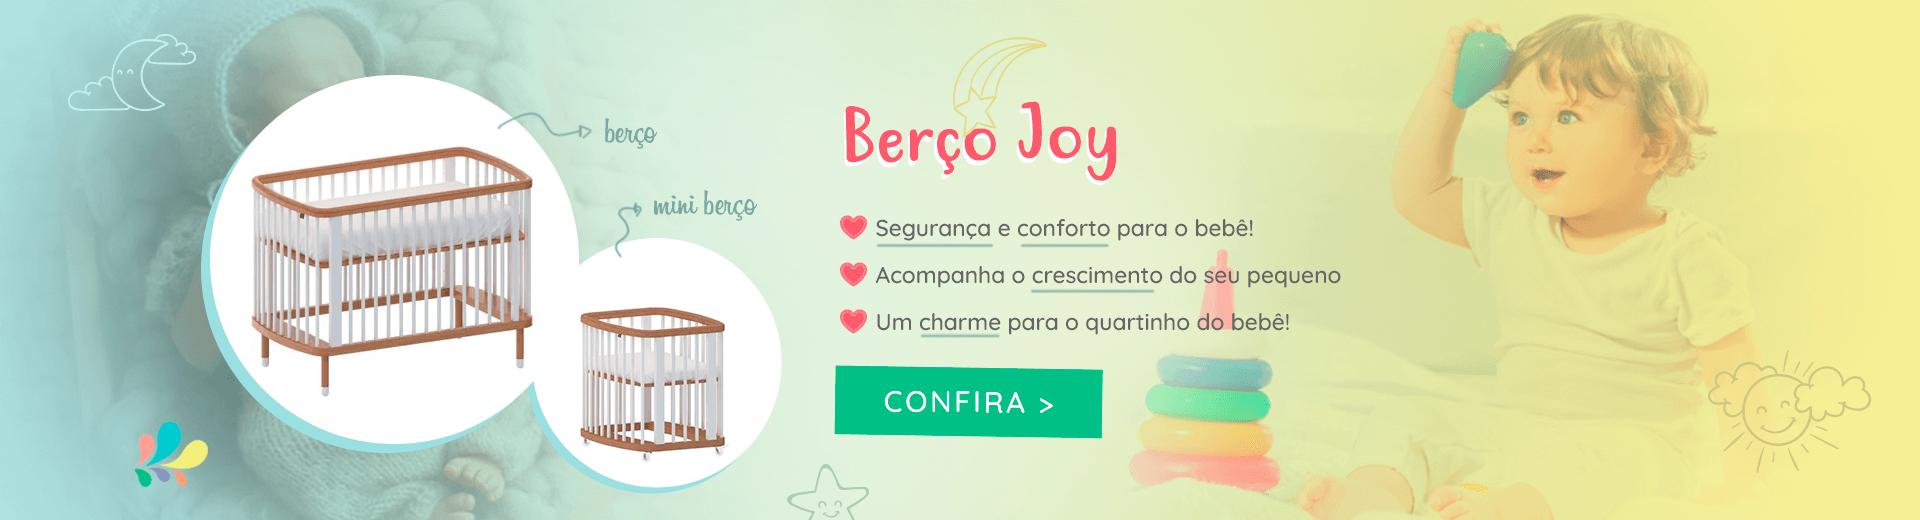 Berço Joy